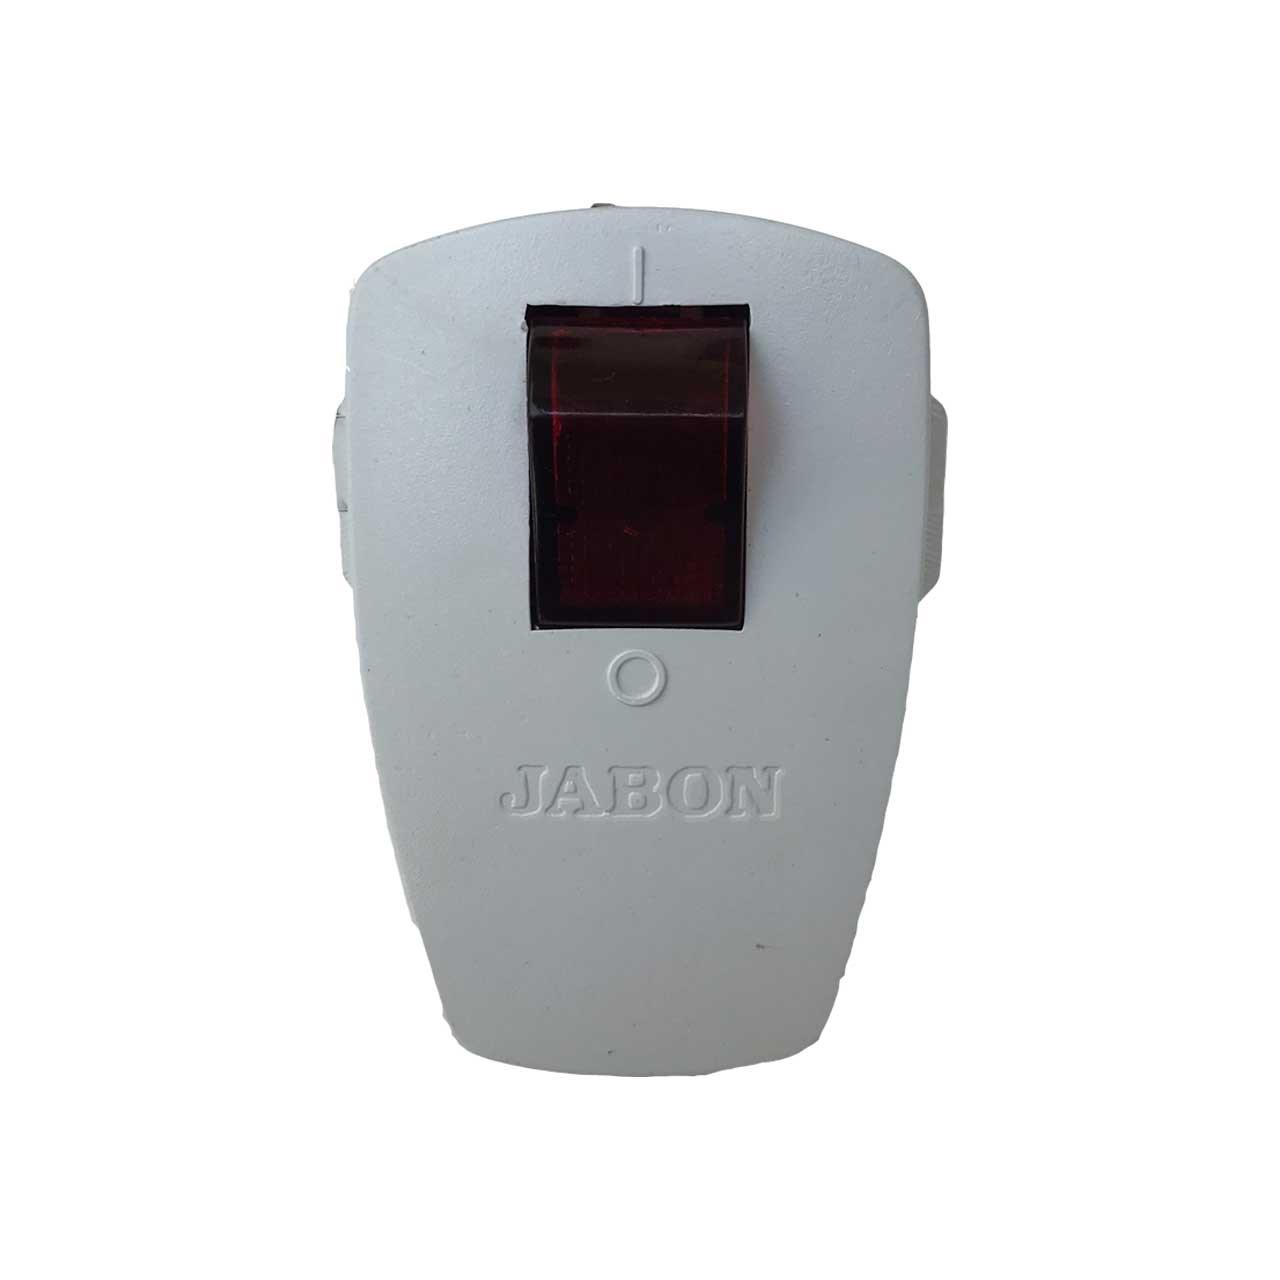 دوشاخه برق جابون مدل کلید دار